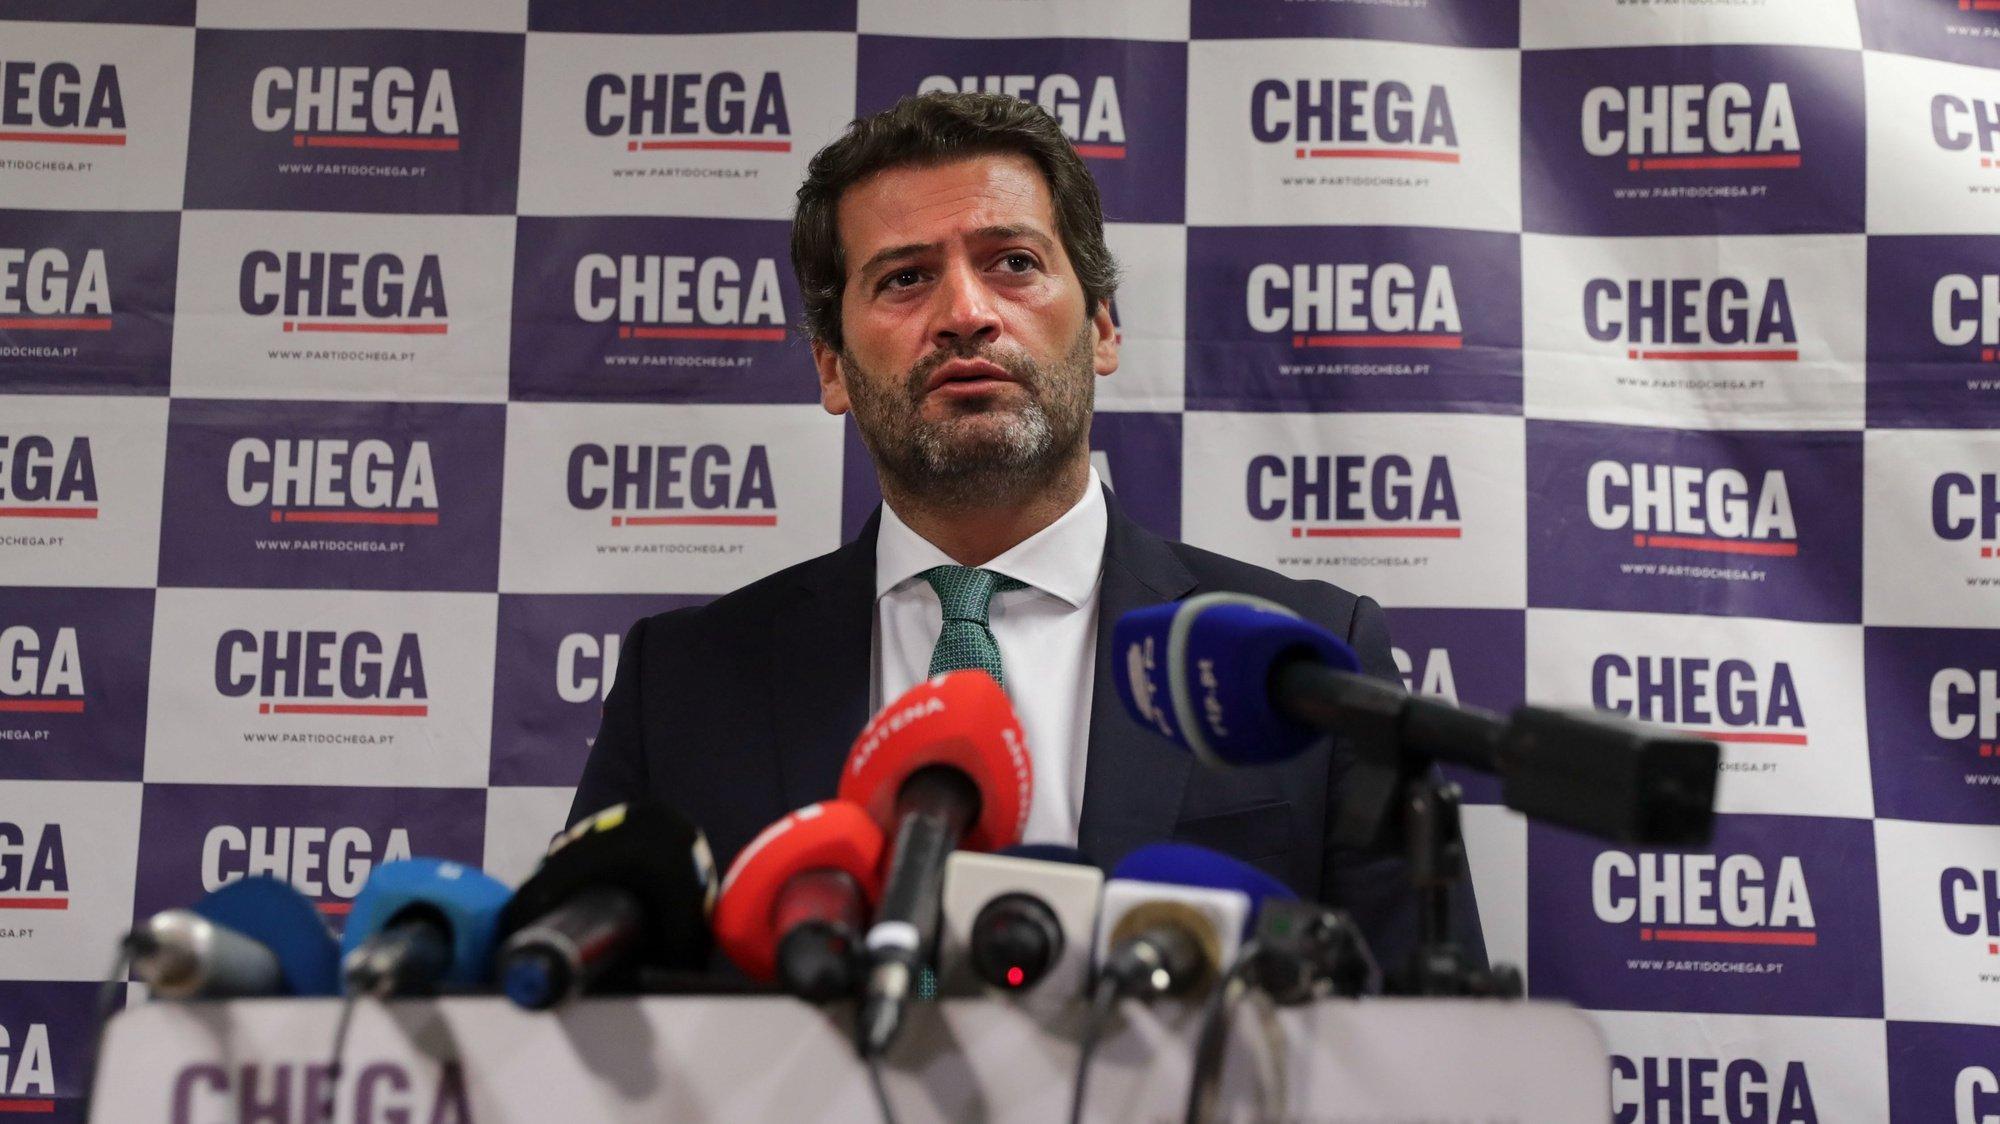 O presidente do Chega, André Ventura, fala durante uma conferência de imprensa sobre acordos autárquicos e de governação local entre o partido e outras forças políticas, na sequência dos resultados eleitorais, na sede do partido em Lisboa, 29 de setembro de 2021. TIAGO PETINGA/LUSA